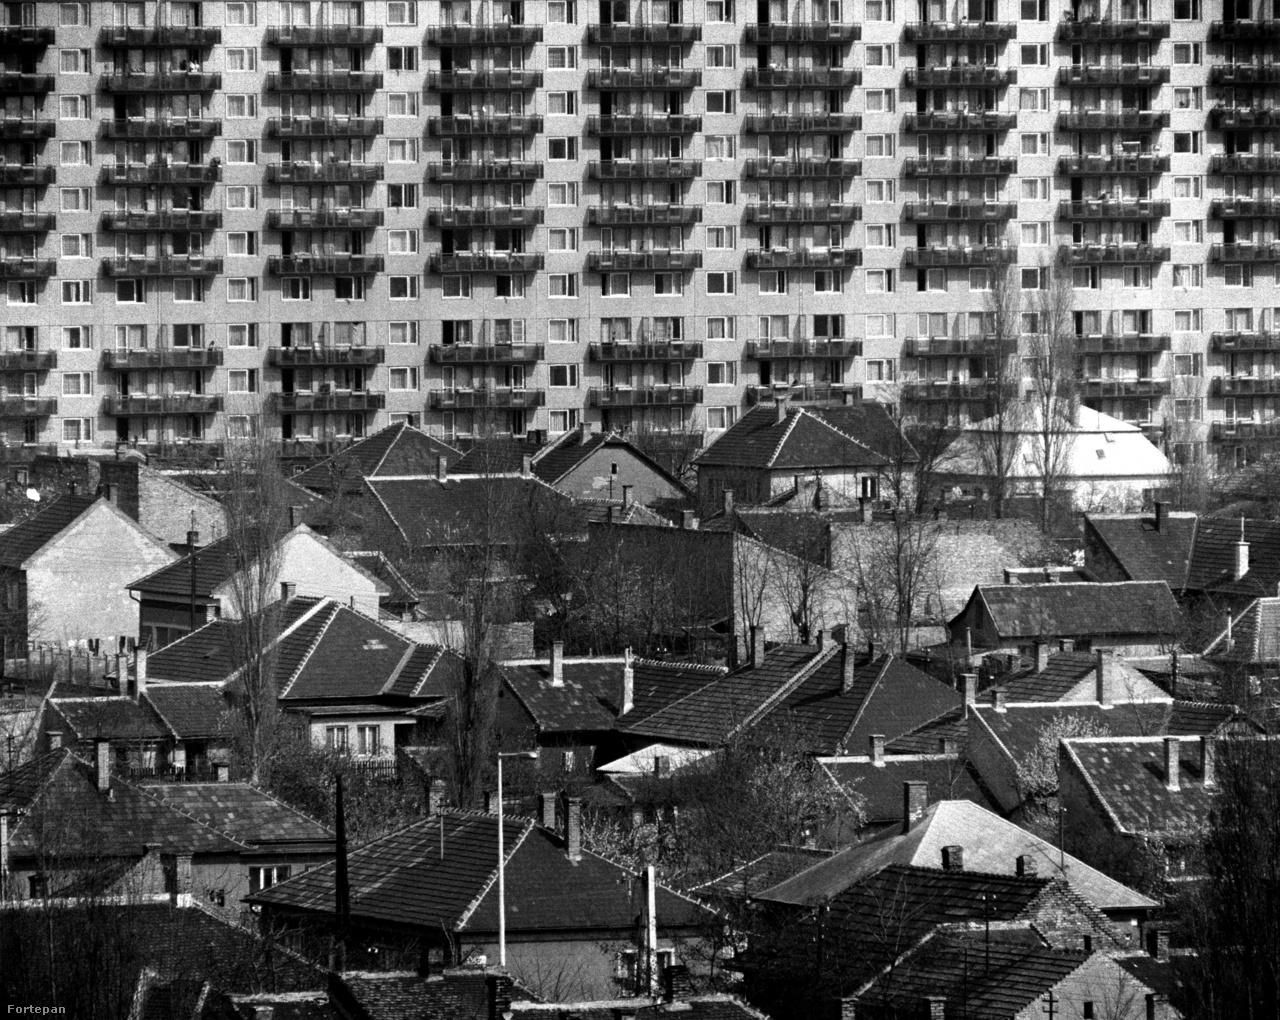 A régi és az új Palota. Rákospalota 1923-ben kapott városi rangot, 1950-ben viszont pestújhely nagyközséggel együtt beolvadt a fővárosba. Ezek mellett jelölték ki azt a 136 hektáros terület, ahová a lakótelepet építették. Ennek a helyén leginkább bolgár kertészetek és mezőgazdasági területek voltak, de azért laktak is itt emberek, akiknek elbontották a házát. Cserébe volt, aki közülük a lakótelepre költözhetett.